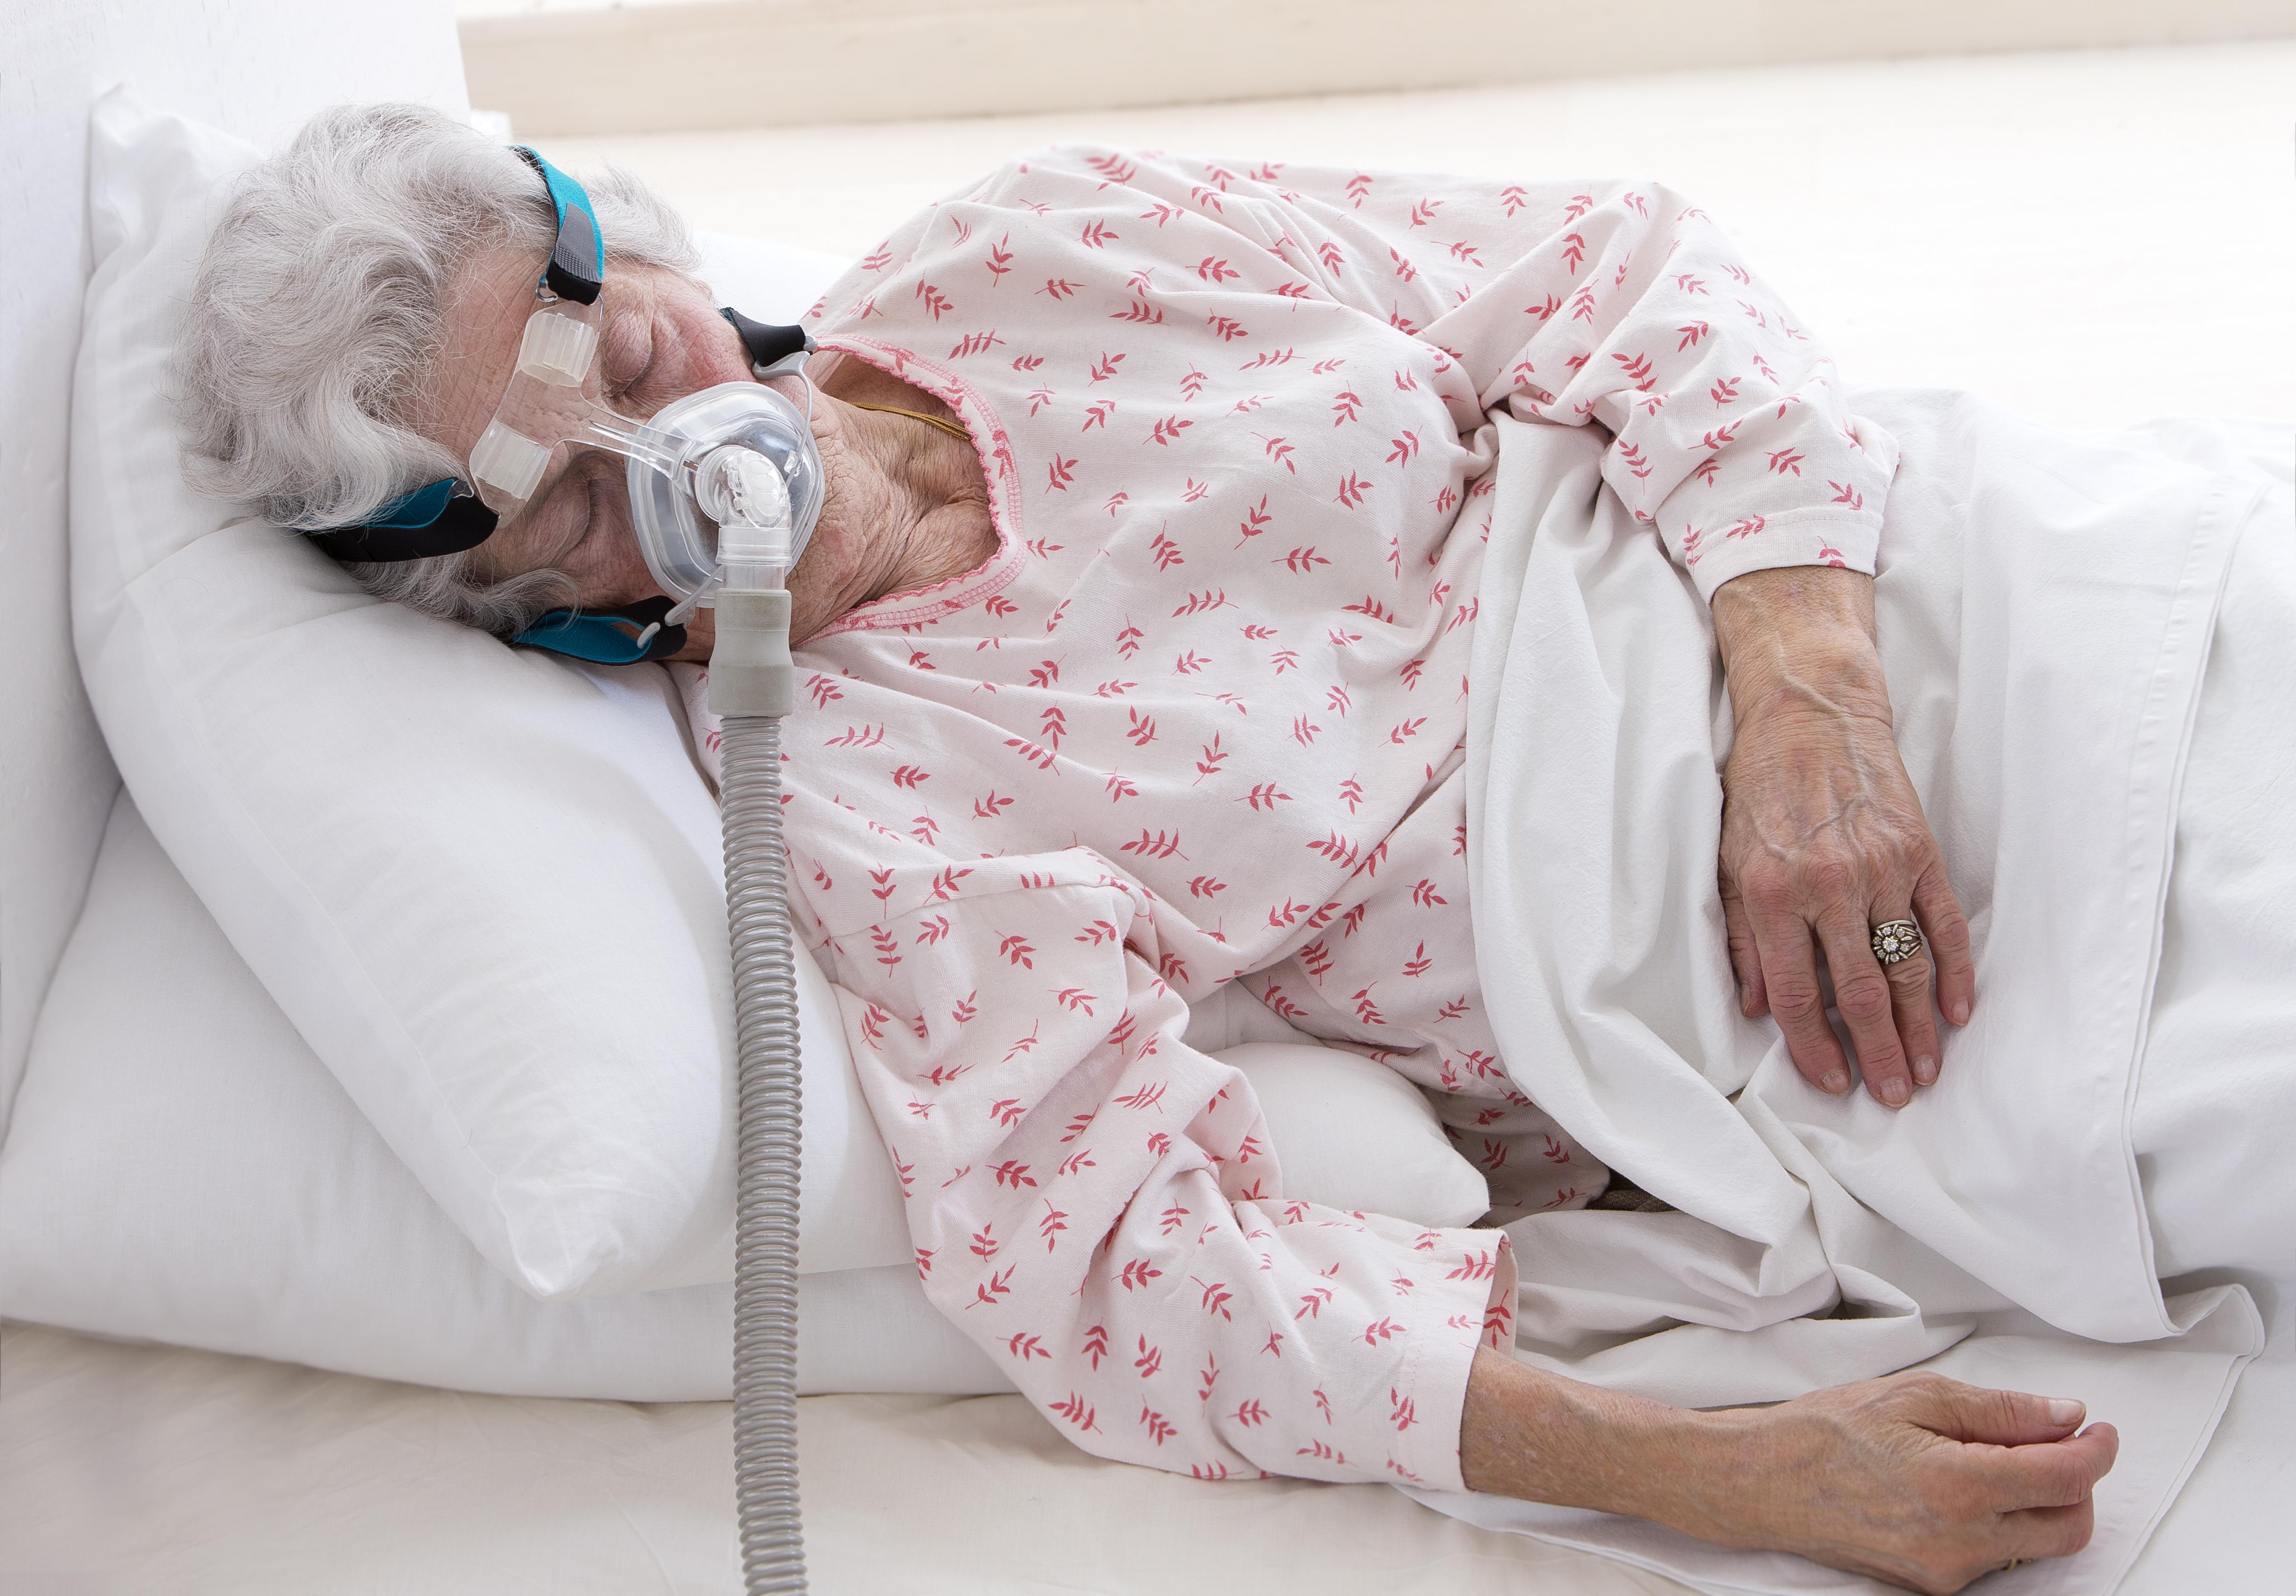 Tidigare betraktades obstruktiv sömnapné som ett tillstånd som framförallt drabbar män, men senare studier har visat att det i hög grad även drabbar kvinnor.